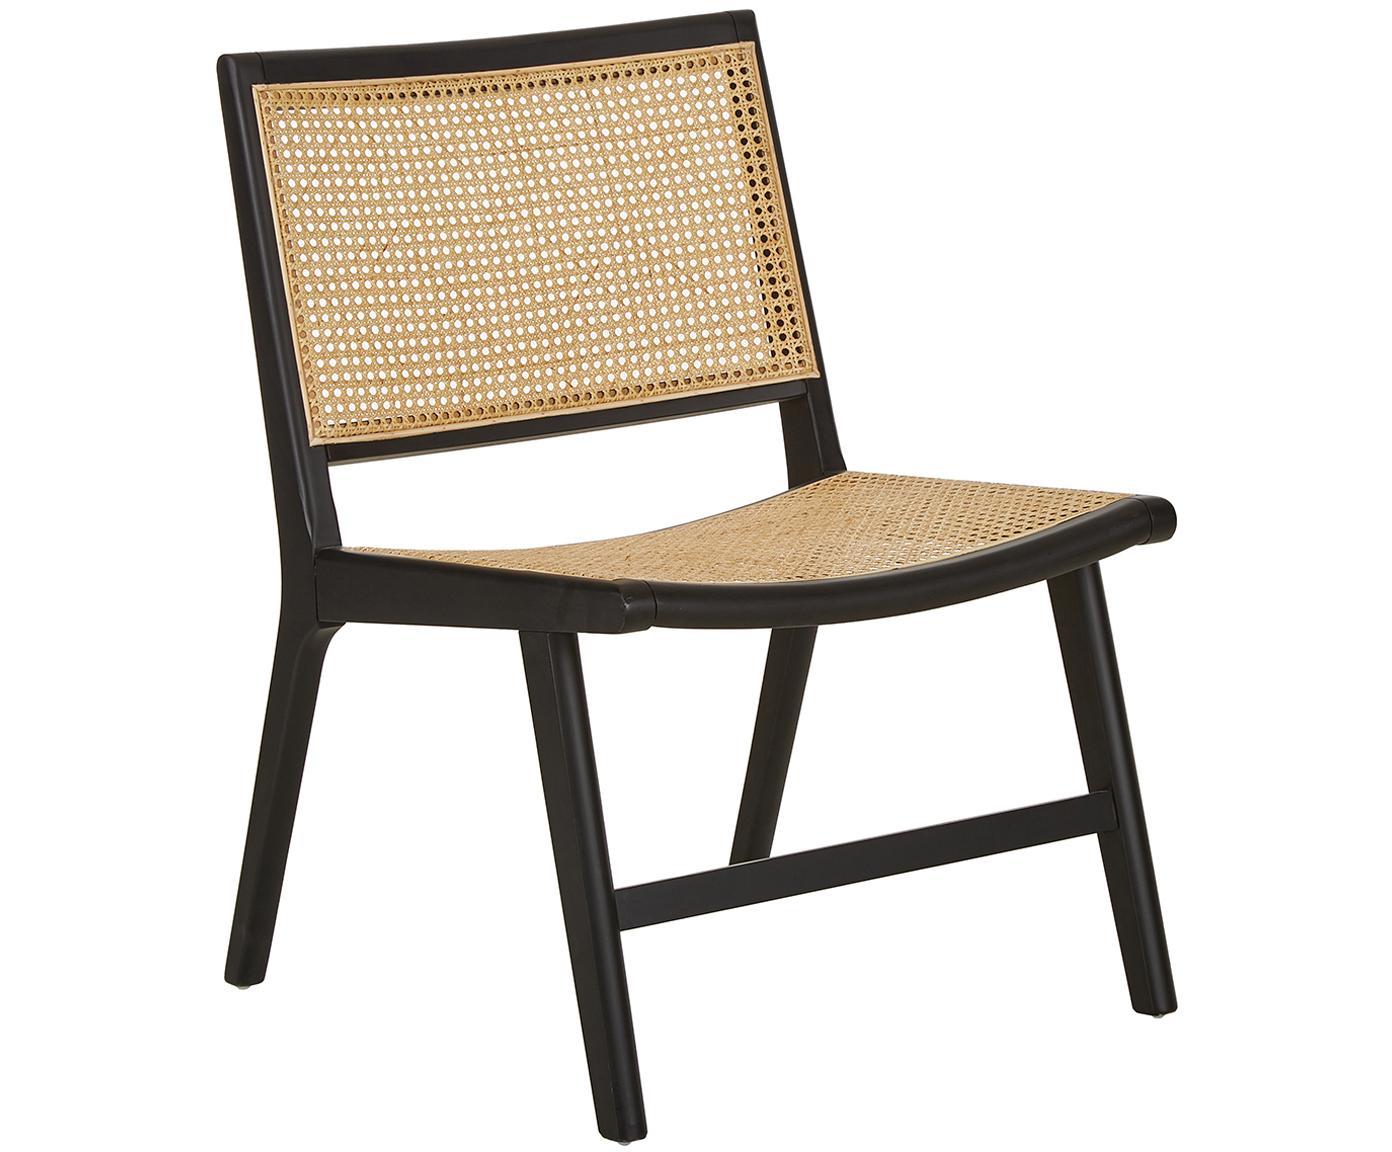 Fotel wypoczynkowy z plecionką wiedeńską Franz, Stelaż: lite drewno brzozowe, lak, Siedzisko: rattan stelaż: czarny, lakierowany, S 57 x G 66 cm